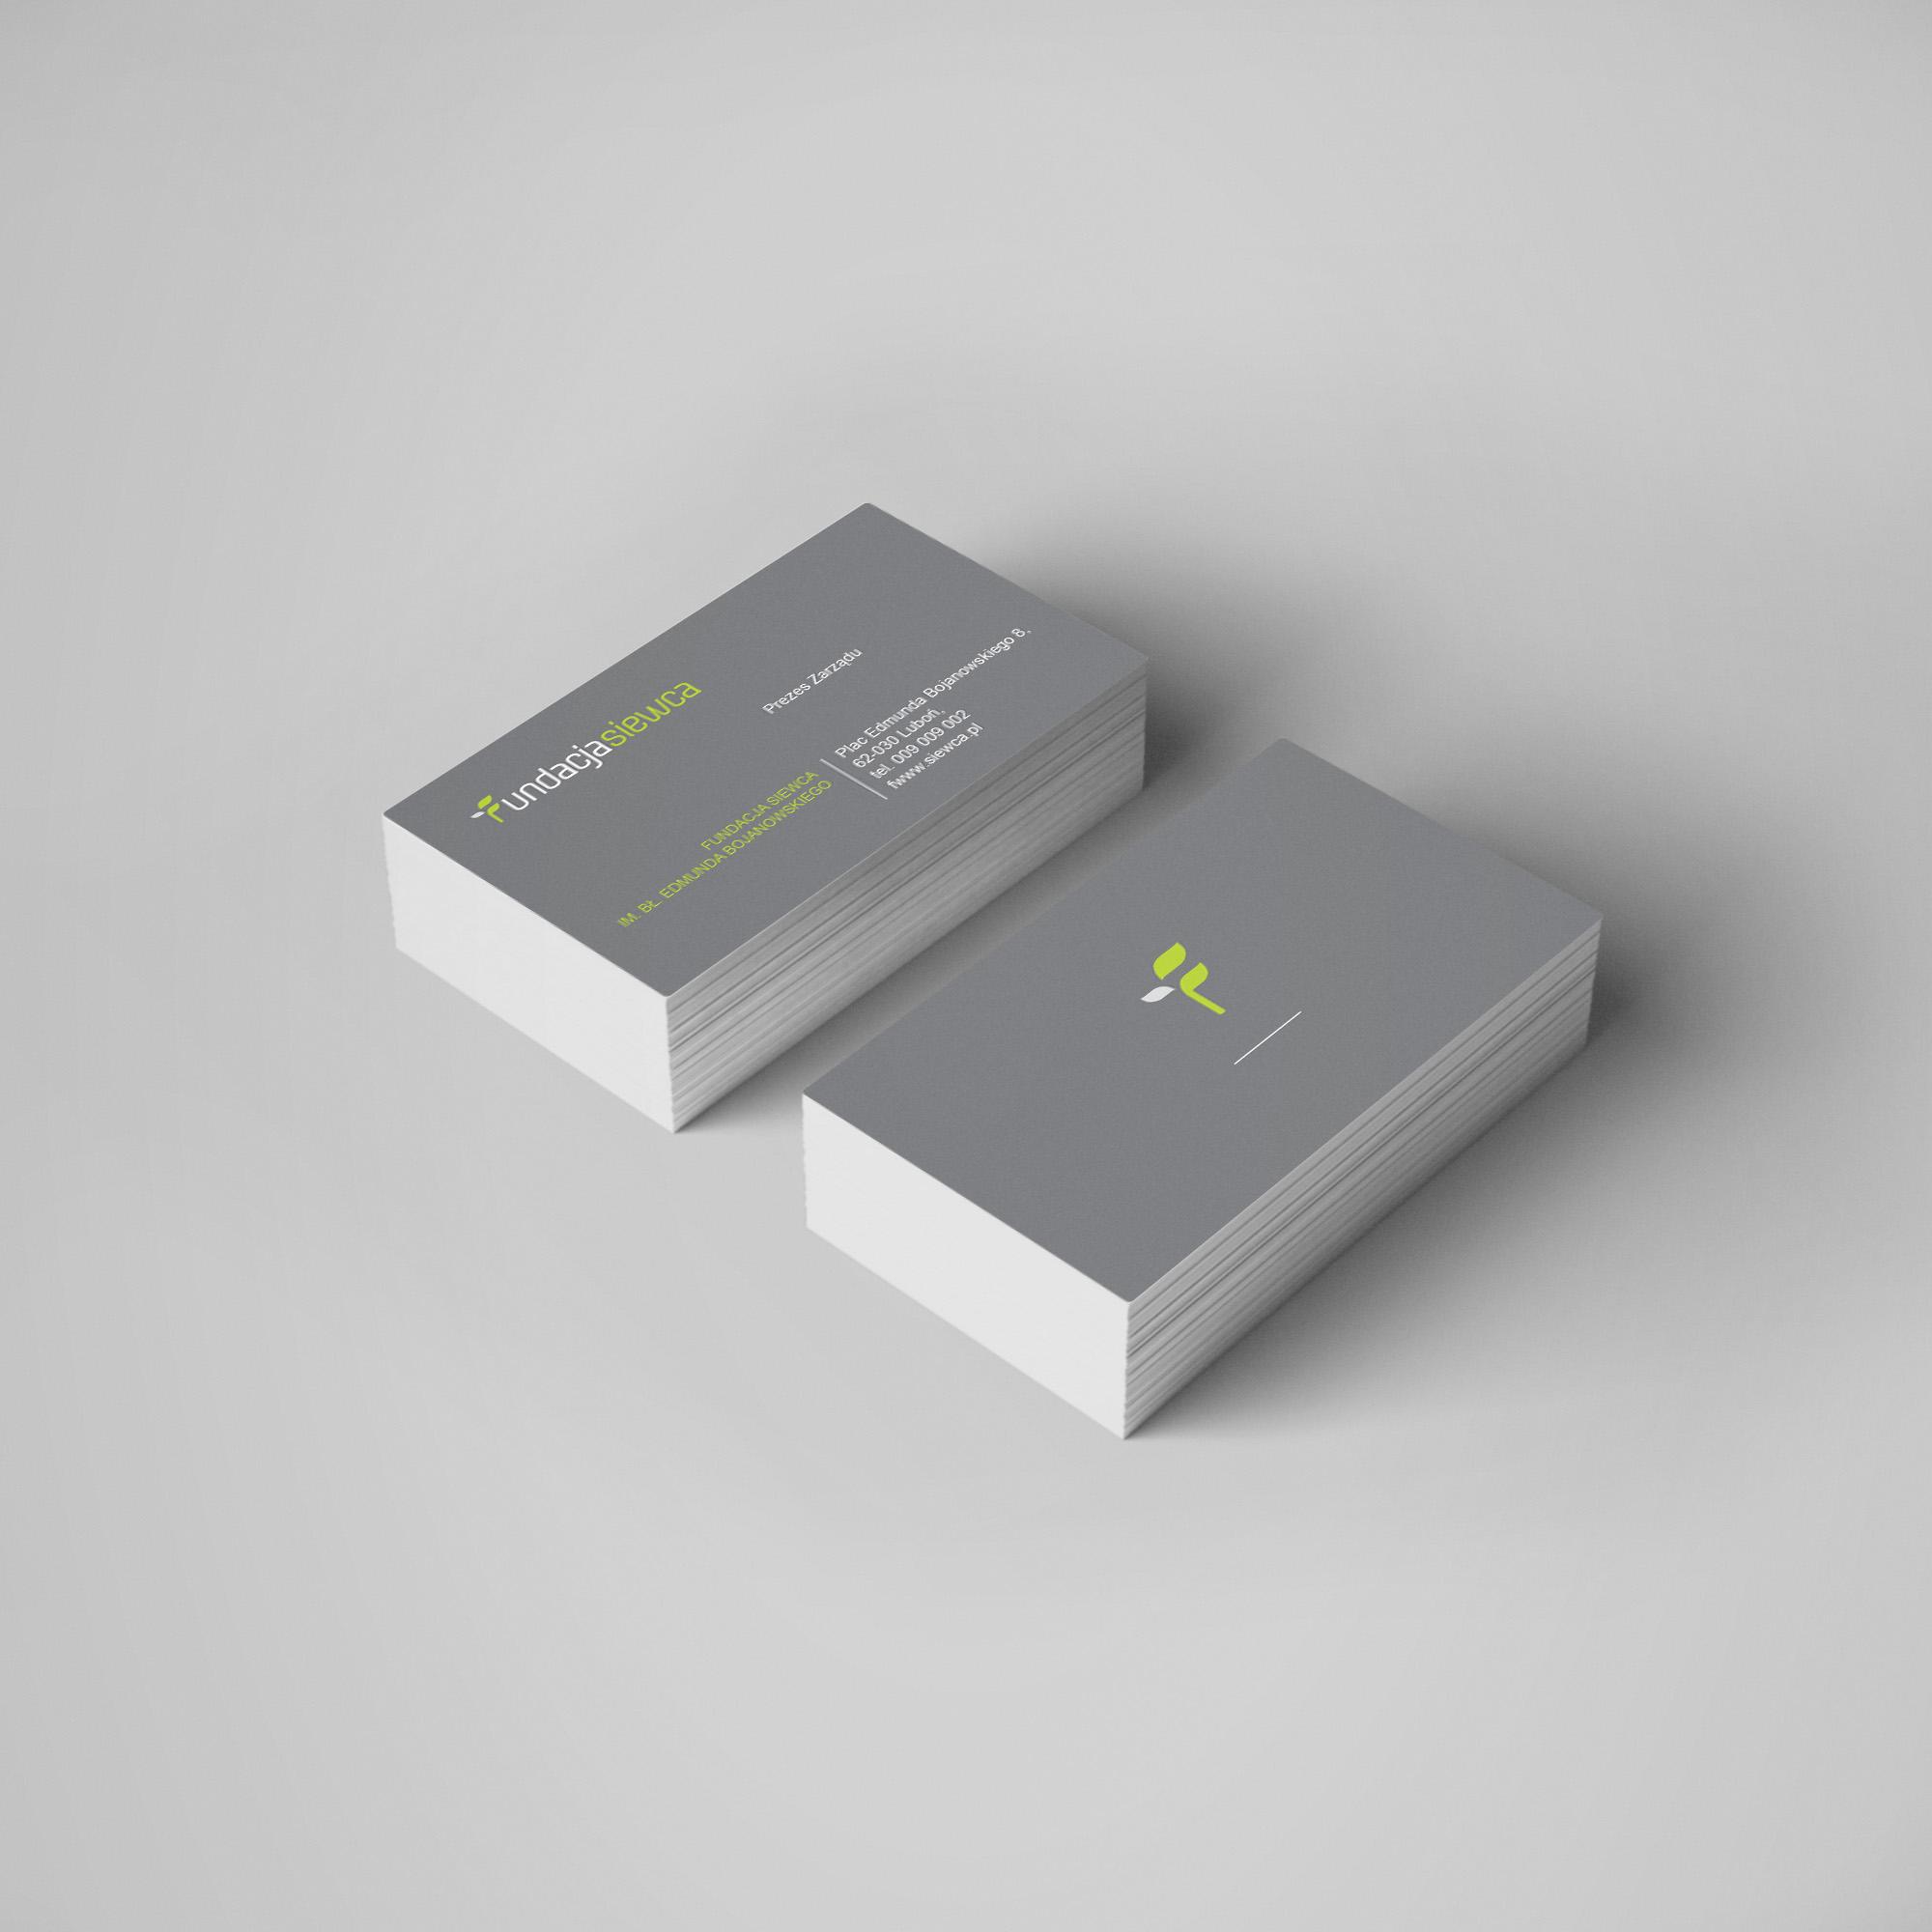 logo design, identyfikacja marki, branding, brand book, znak graficzny, logo firmy, ci, wizytówki, art designer - Ireneusz Bloch